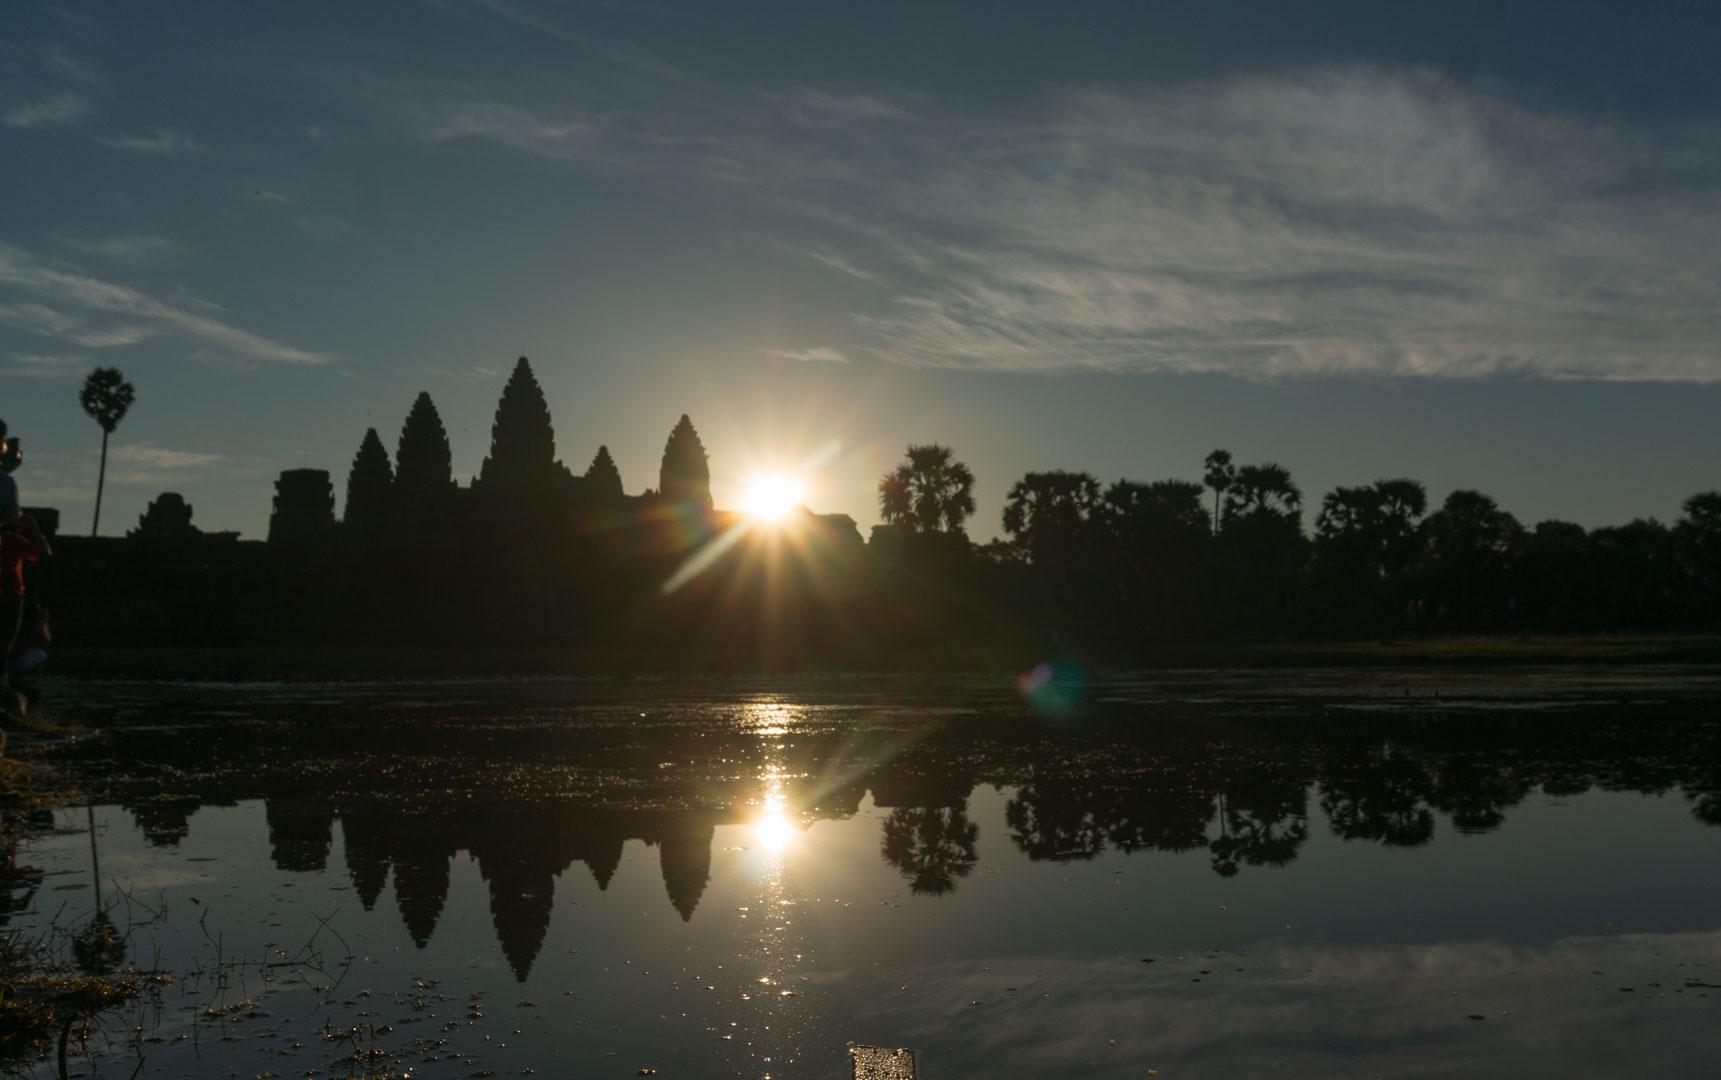 Ankor Wat Sun Rise Sonnenaufgang